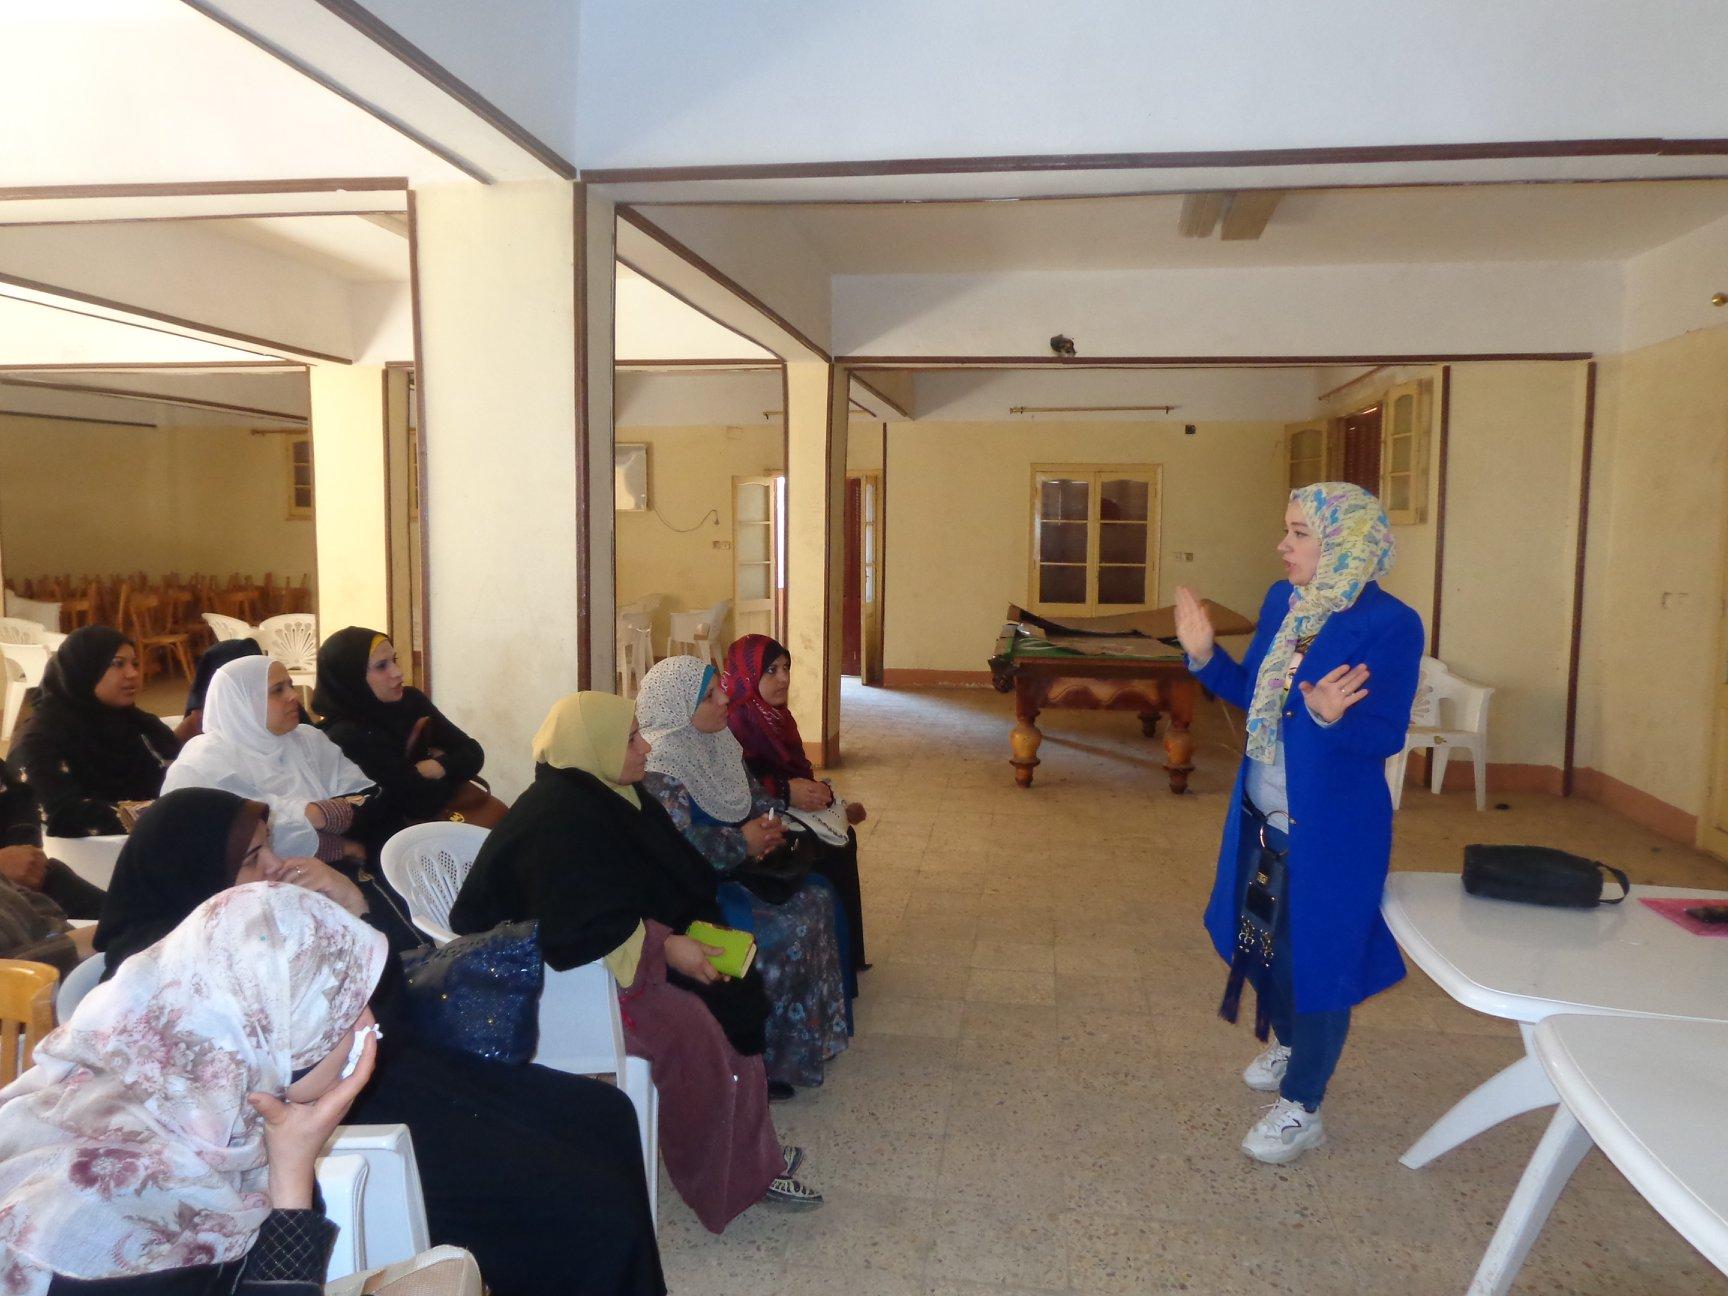 قوافل جامعة المنوفية تستمر في نشر الوعي الصحي ضد الإصابة بفيروس كورونا بالقرى النائية